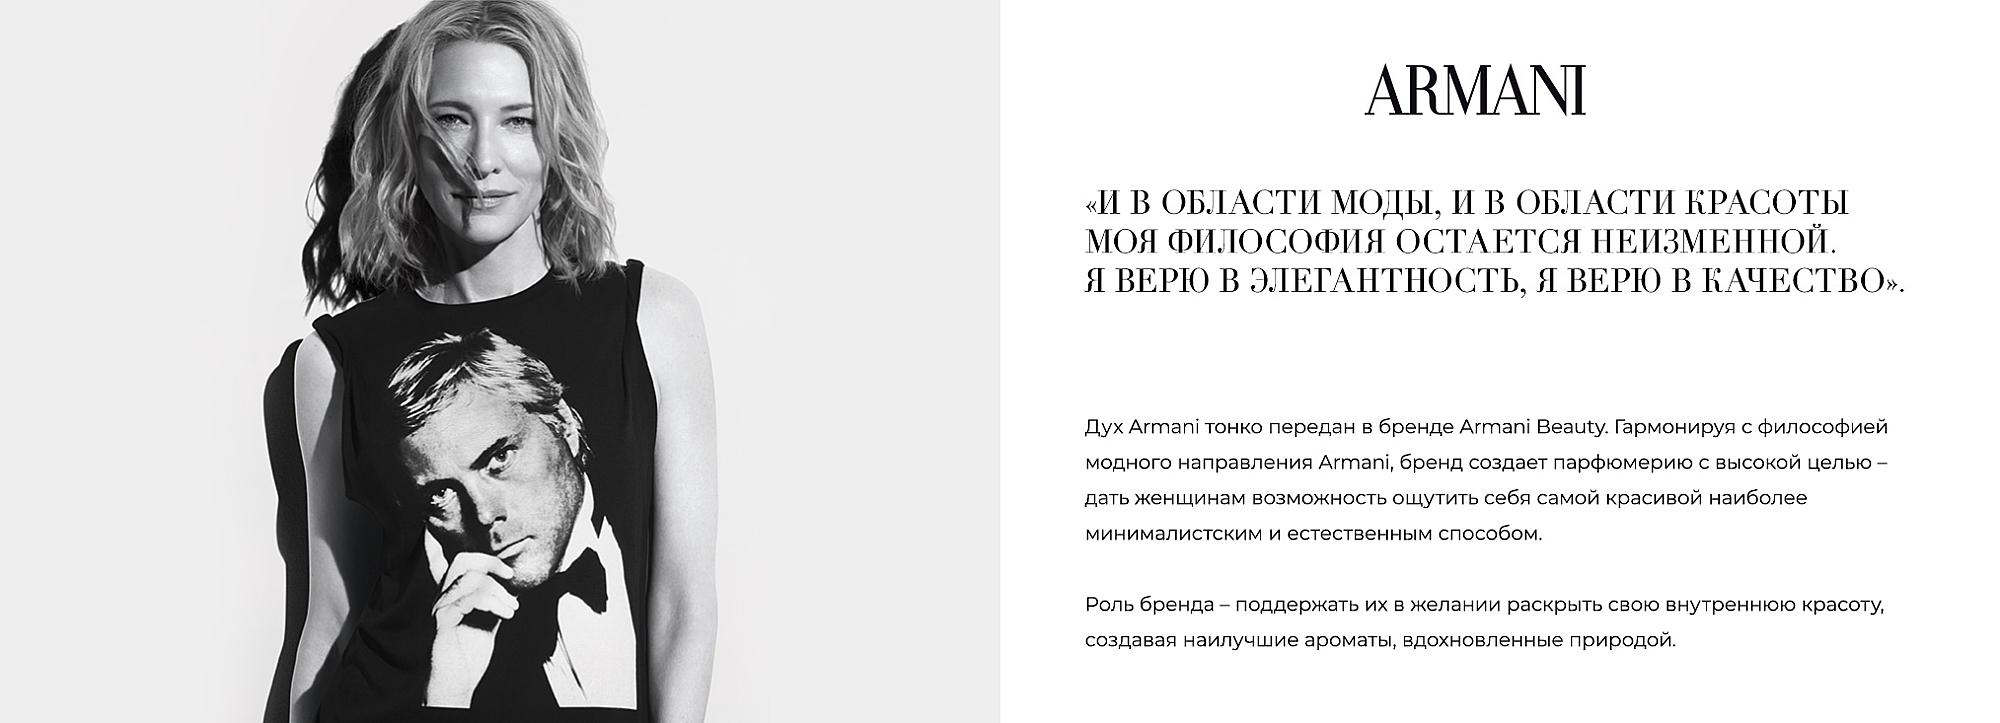 Giorgio Armani Brand Page